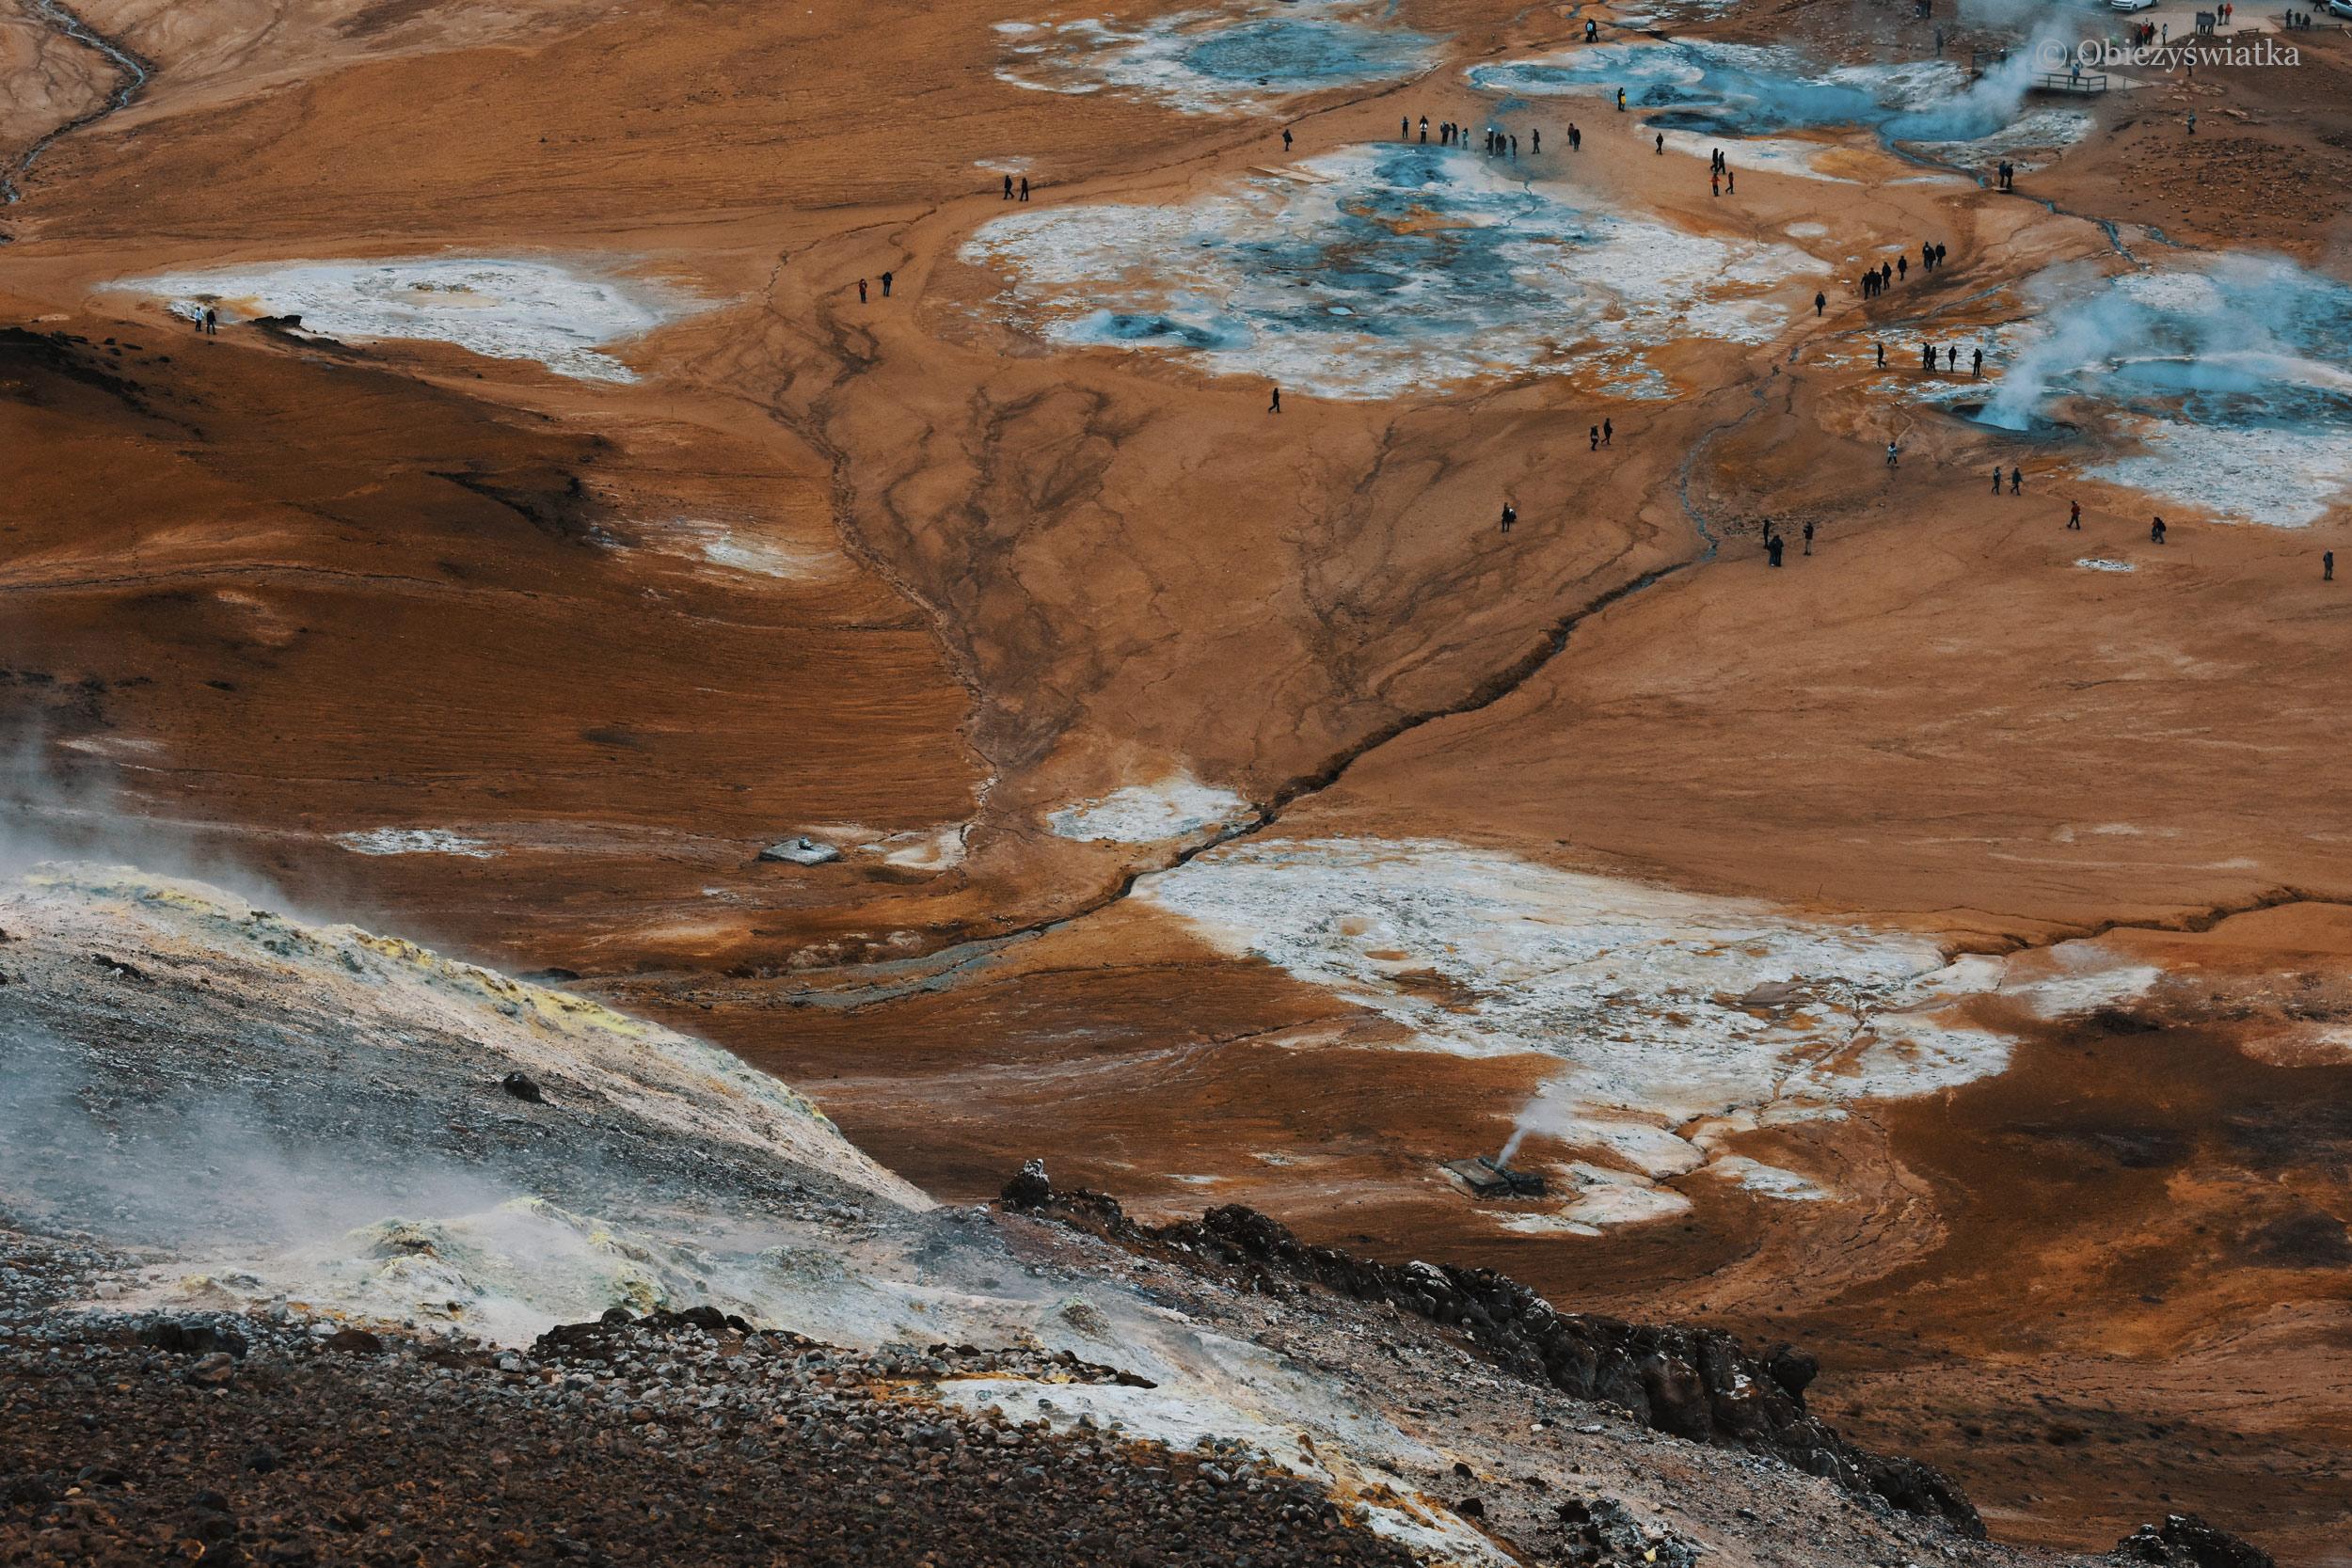 Islandia i jej pola lawy